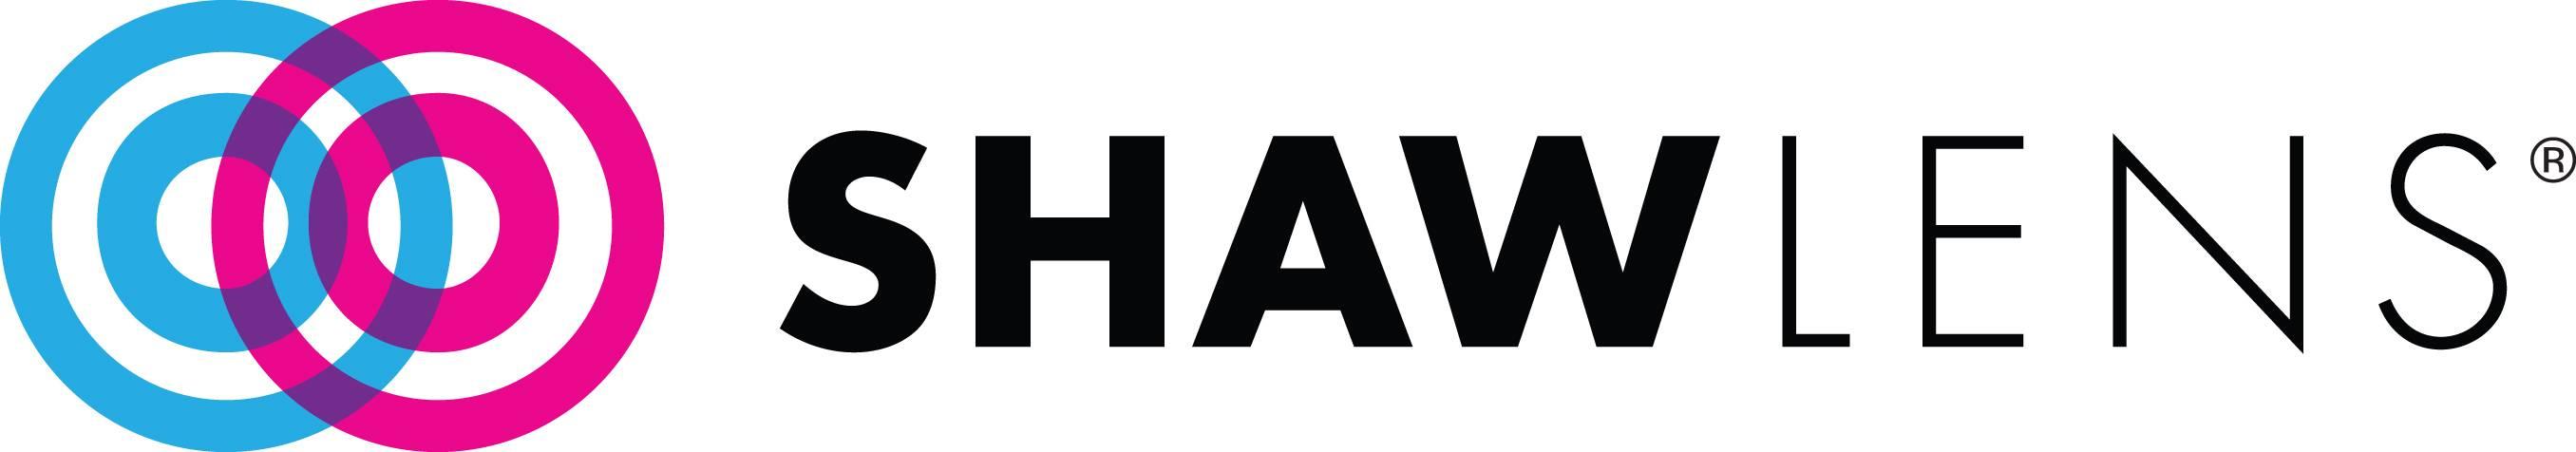 Shaw_logo_cmyk_noTag_R